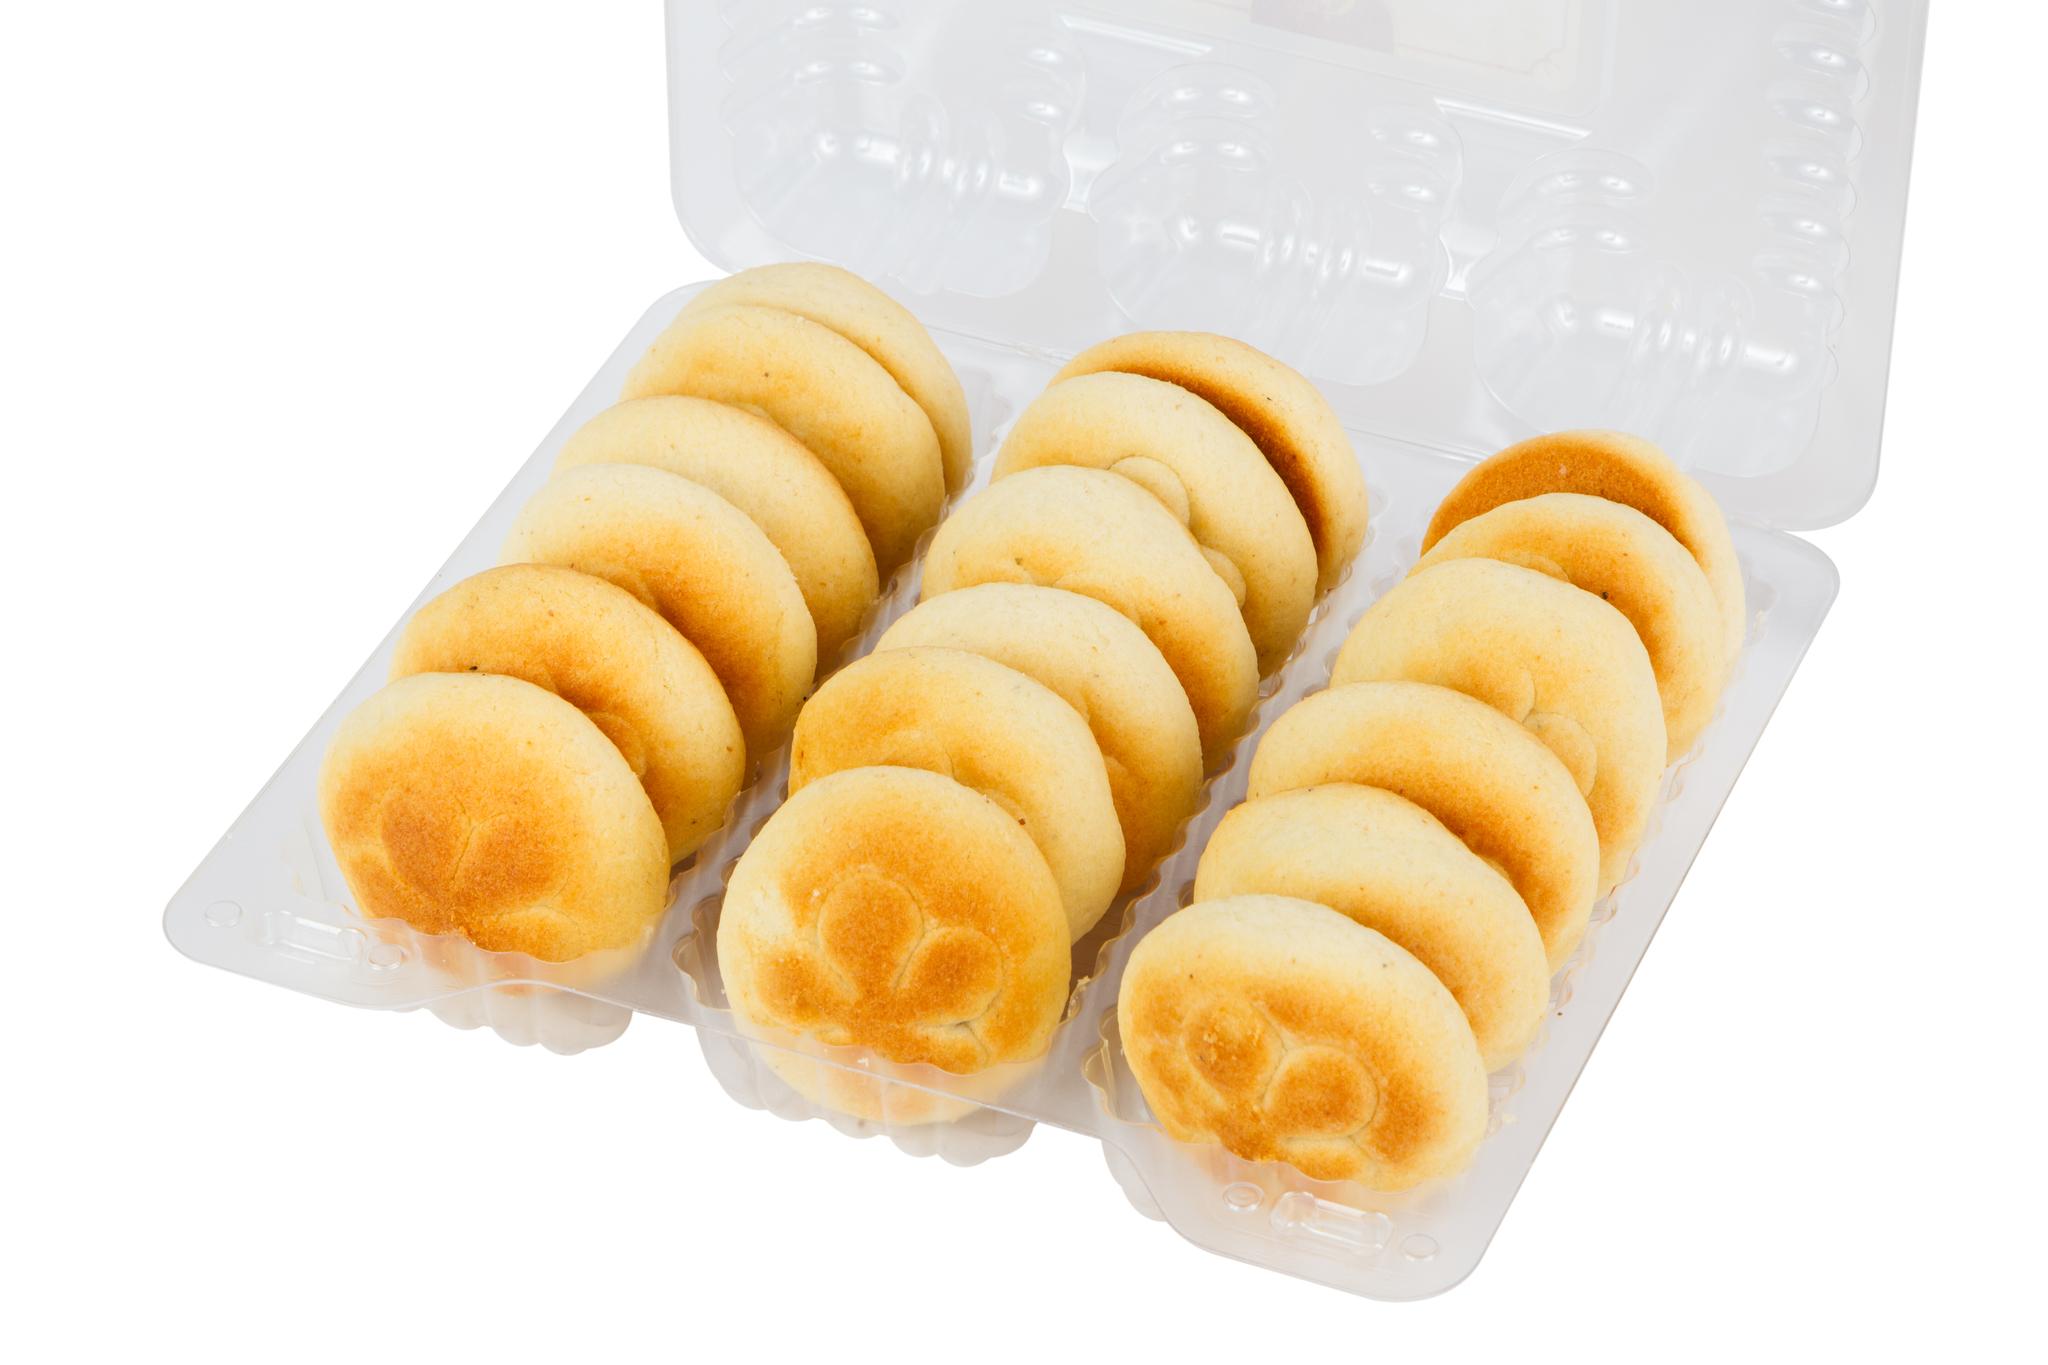 Печенье Печенье с финиками, 350 г import_files_75_75ecc6ac787e11e799f3606c664b1de1_22677821ae6c11e7b011fcaa1488e48f.jpg